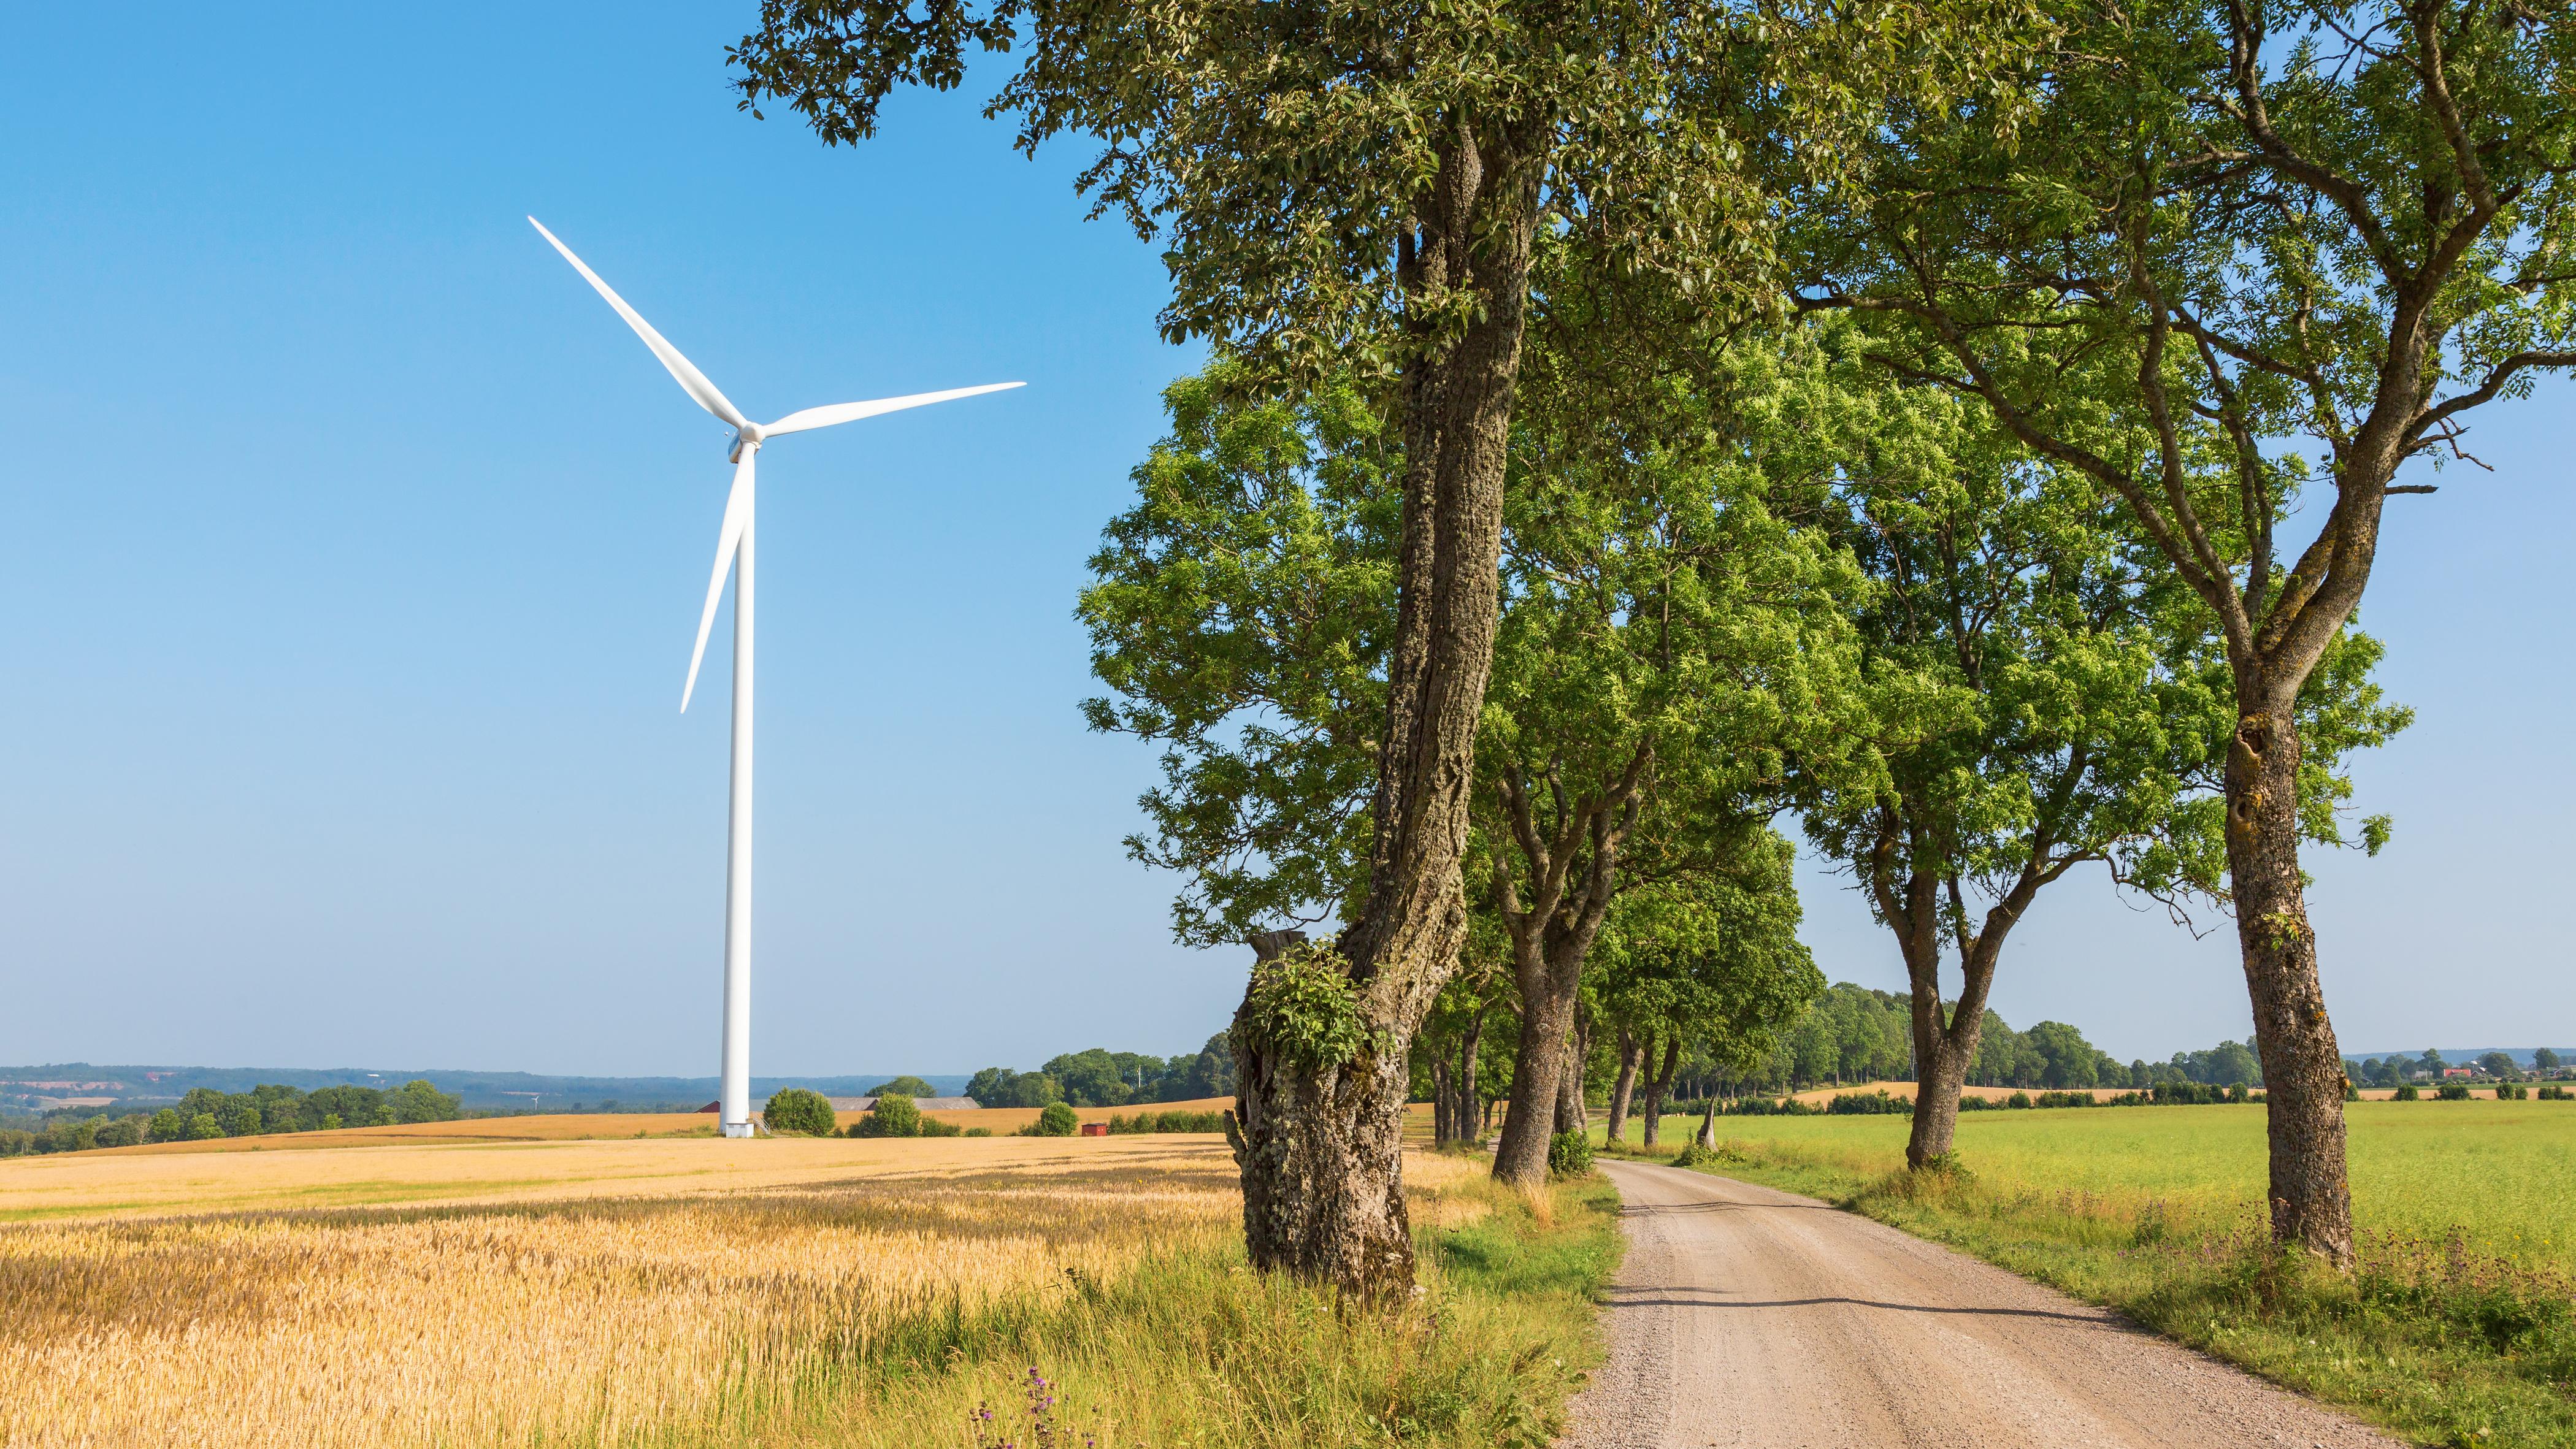 Grästorp Energi väljer P2P NB-IoT elmätare från Landis+Gyr vilket ger driftsäkerhet, förutsägbarhet och ett fast pris för kommunikationen